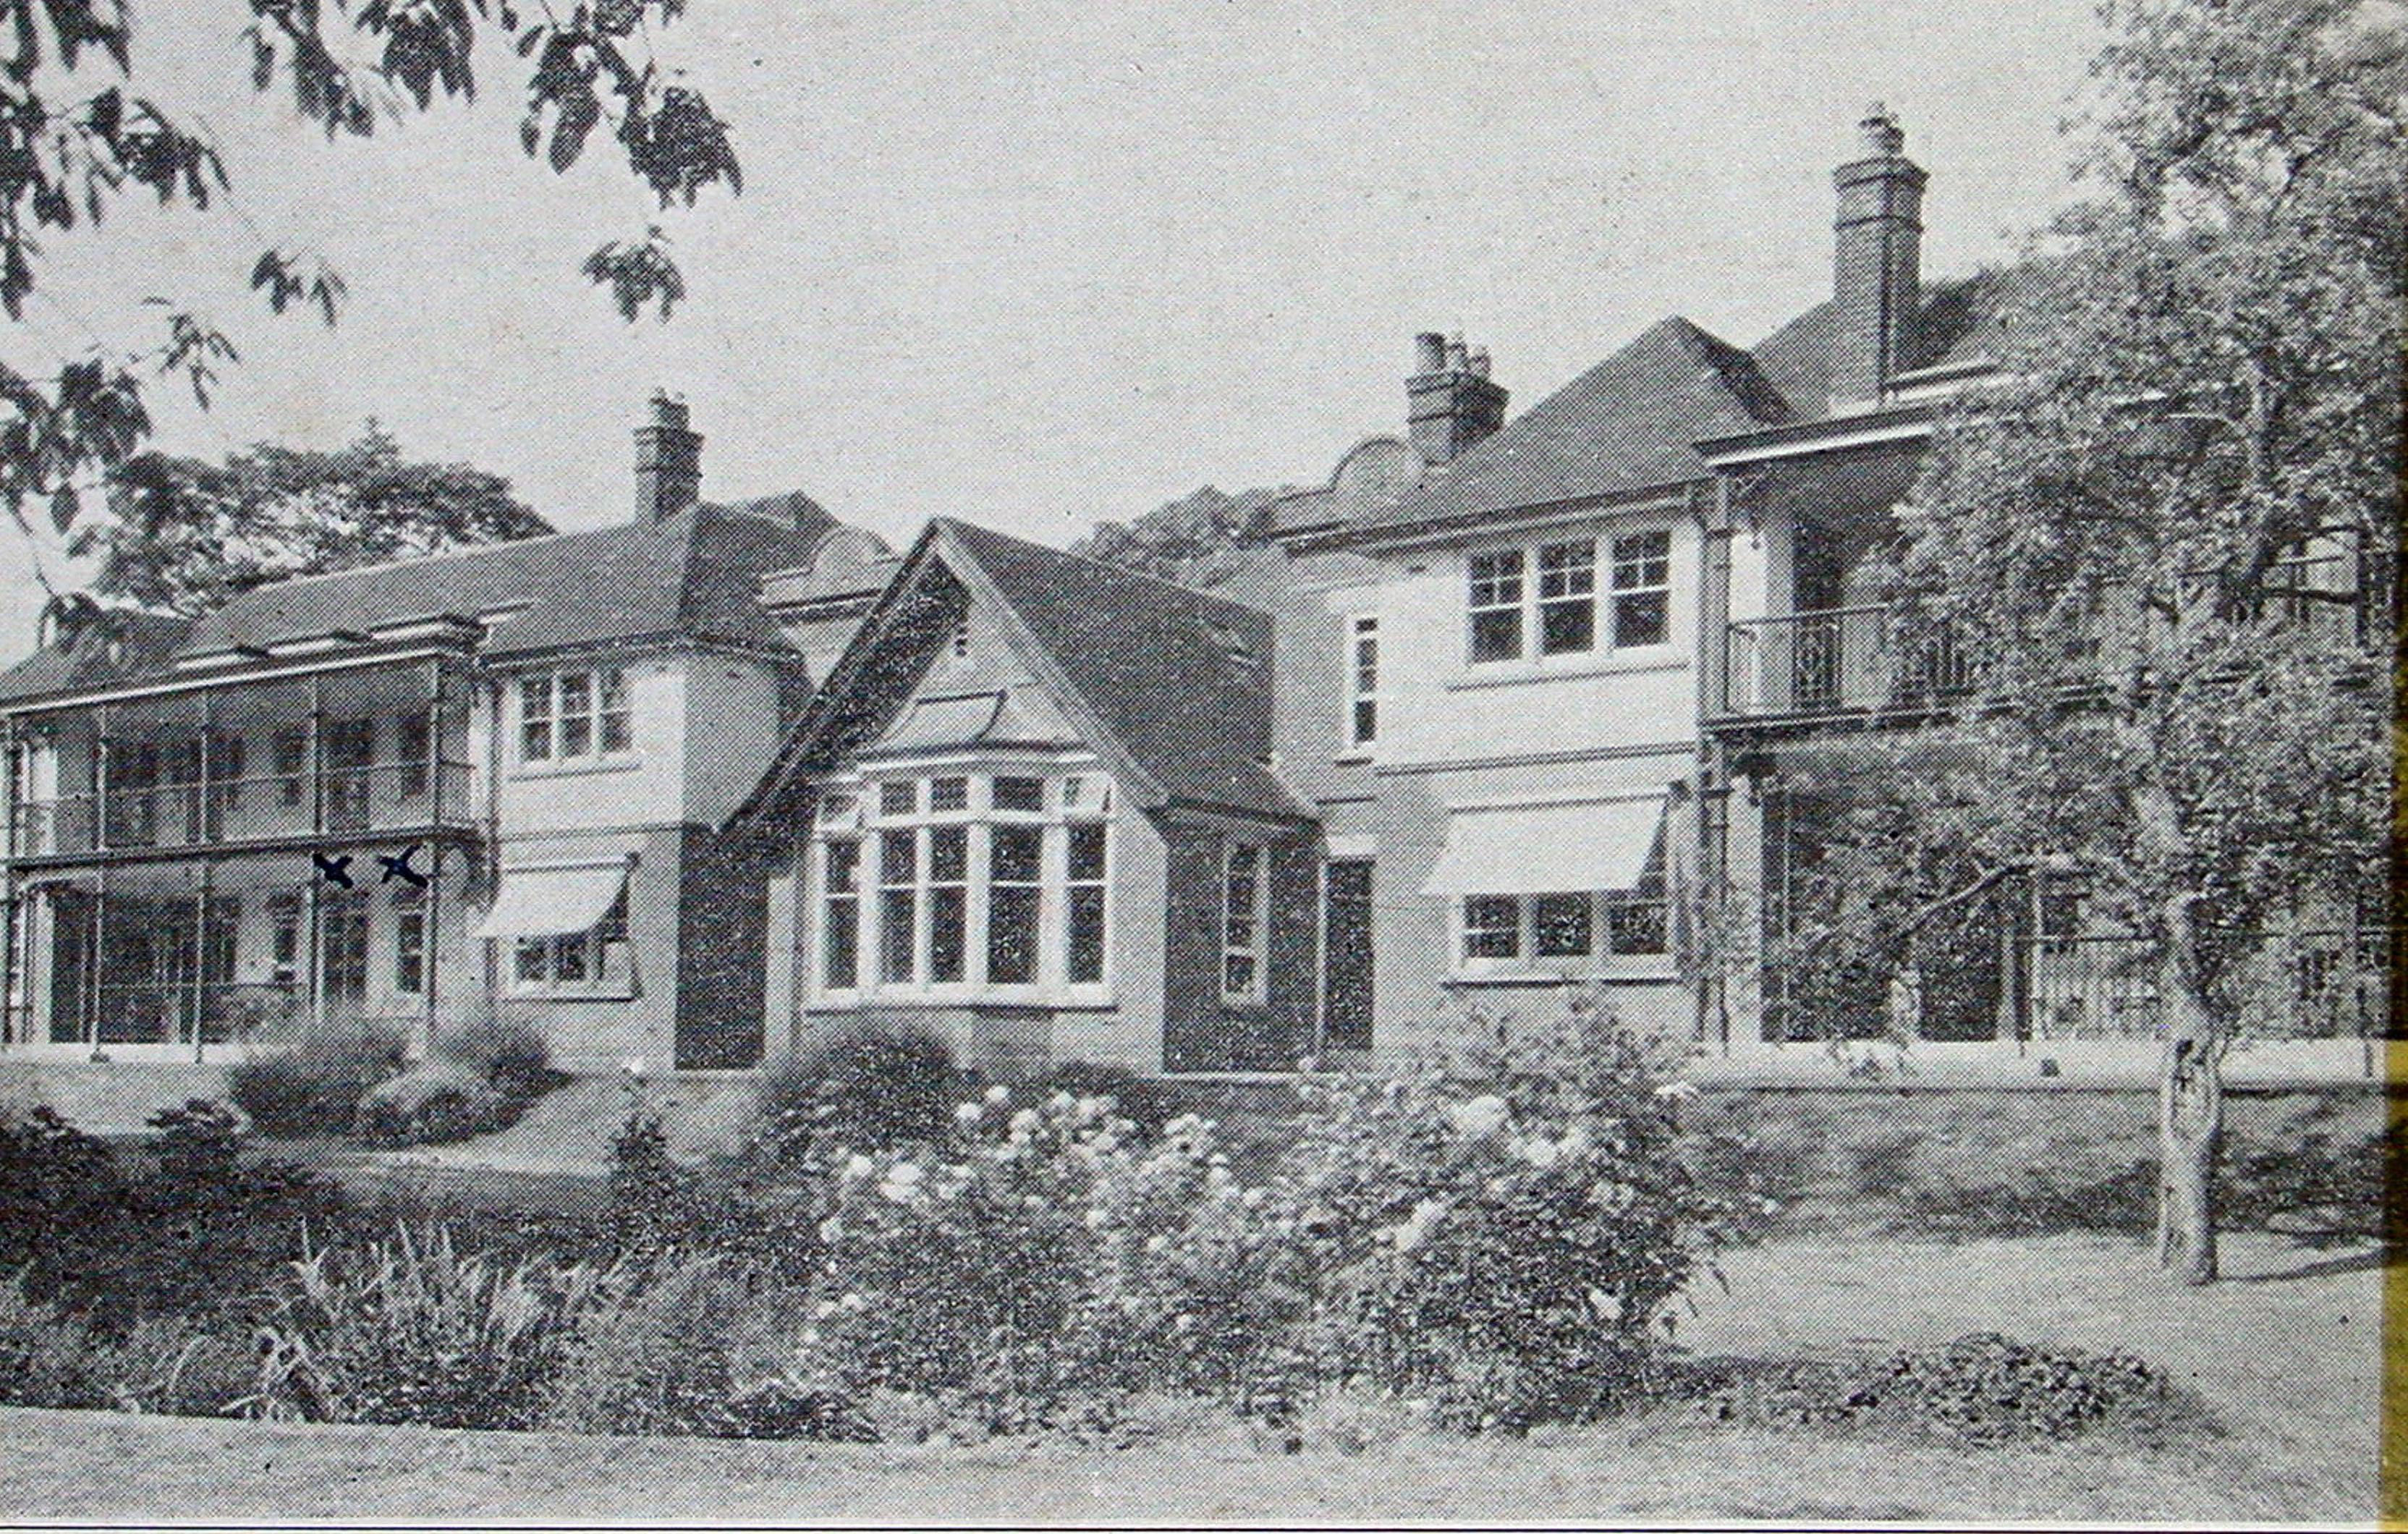 Victoria Gardens Nursing Home Coventry